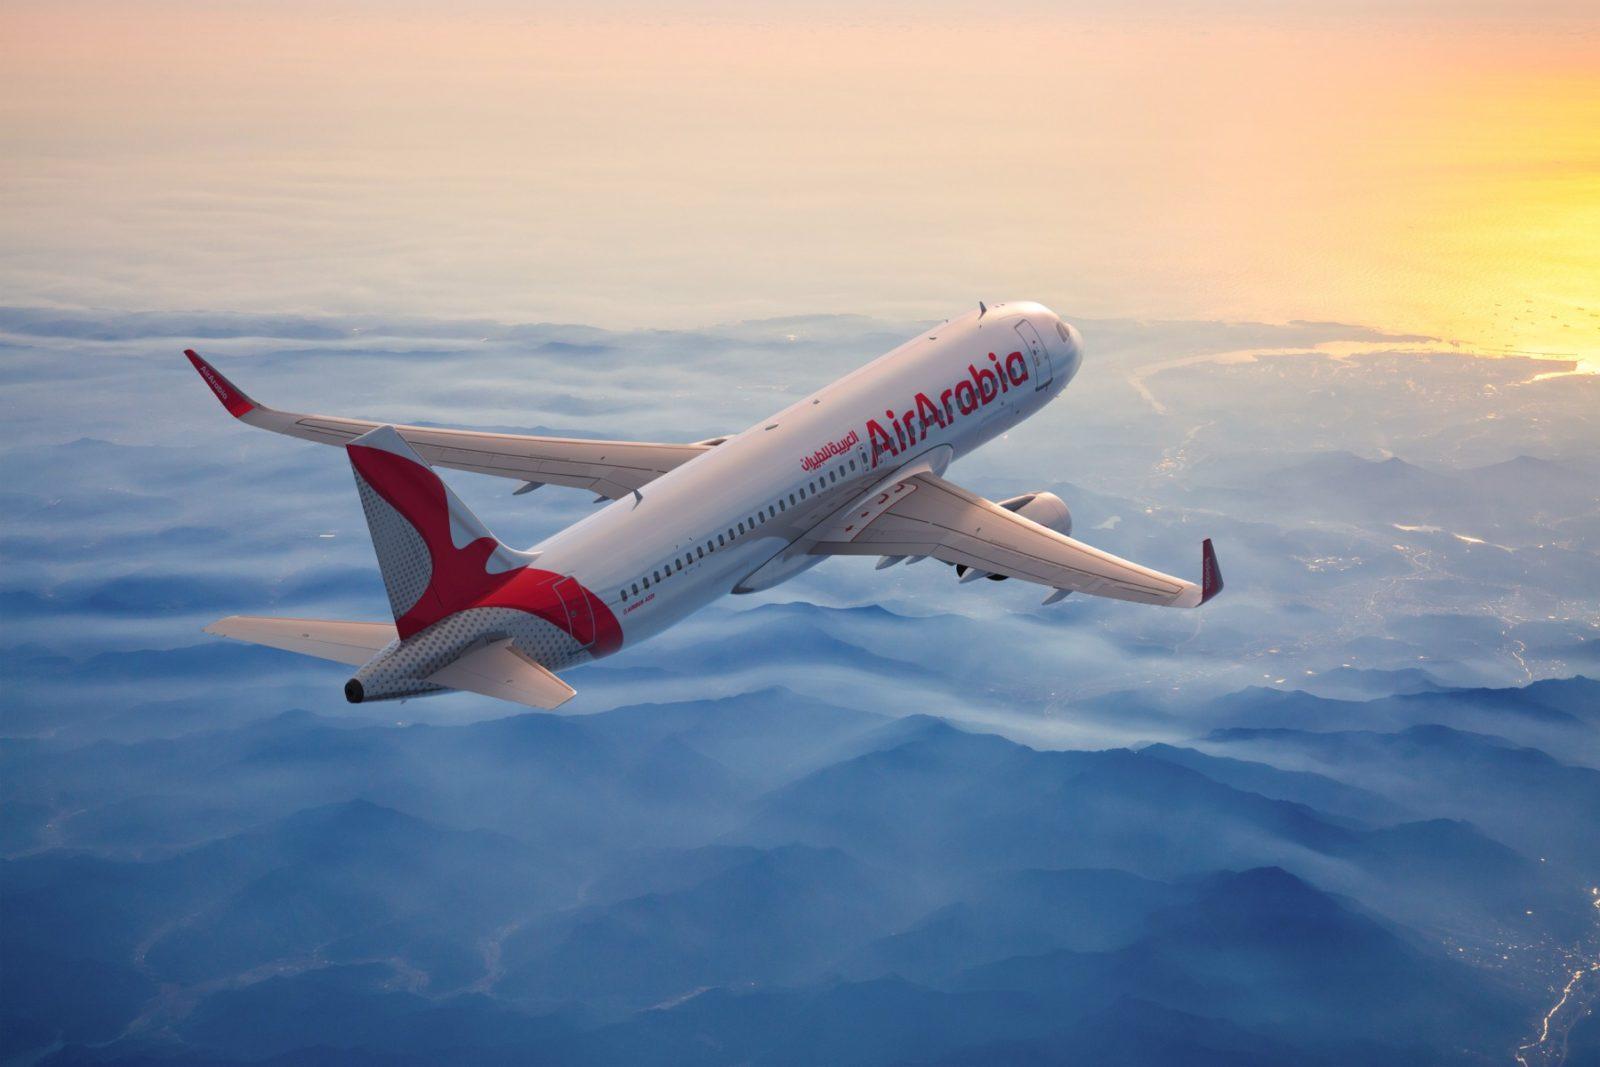 air arabia - ავიაკომპანია ეარ არაბია - Air Arabia